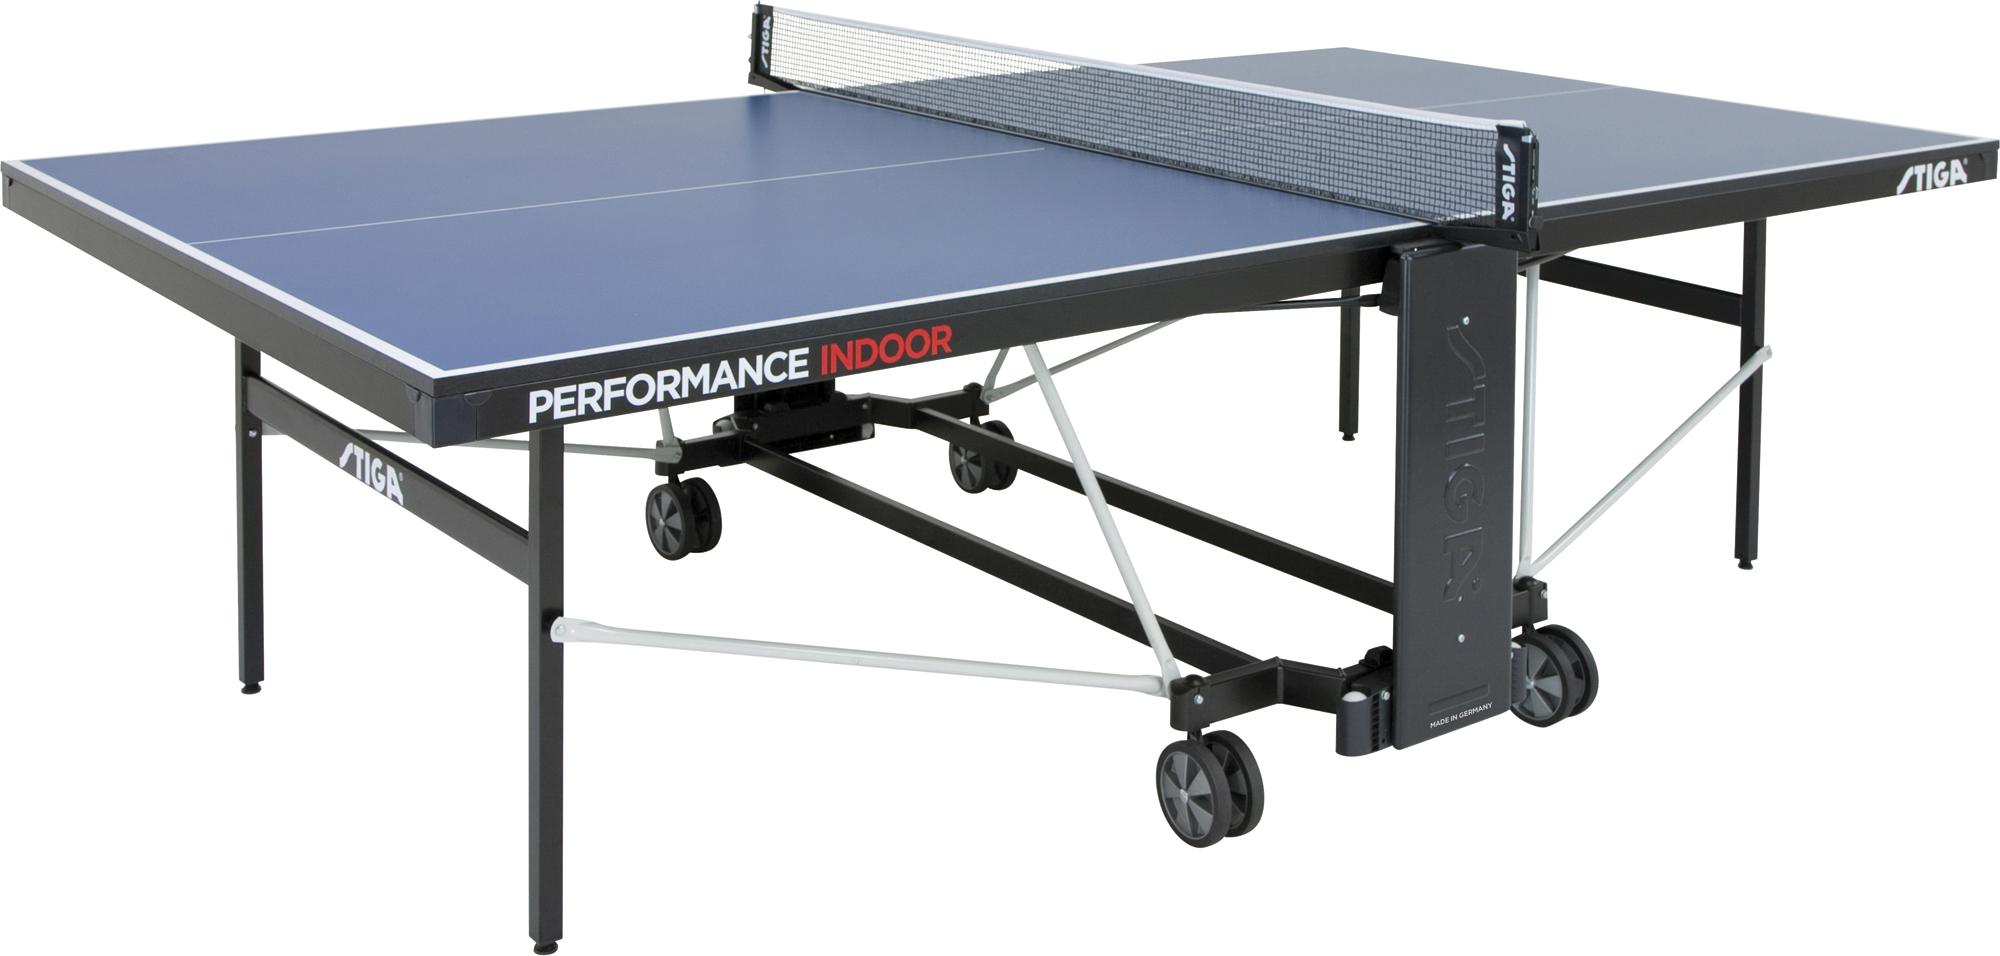 Stiga Теннисный стол для помещений Performance Indoor CS